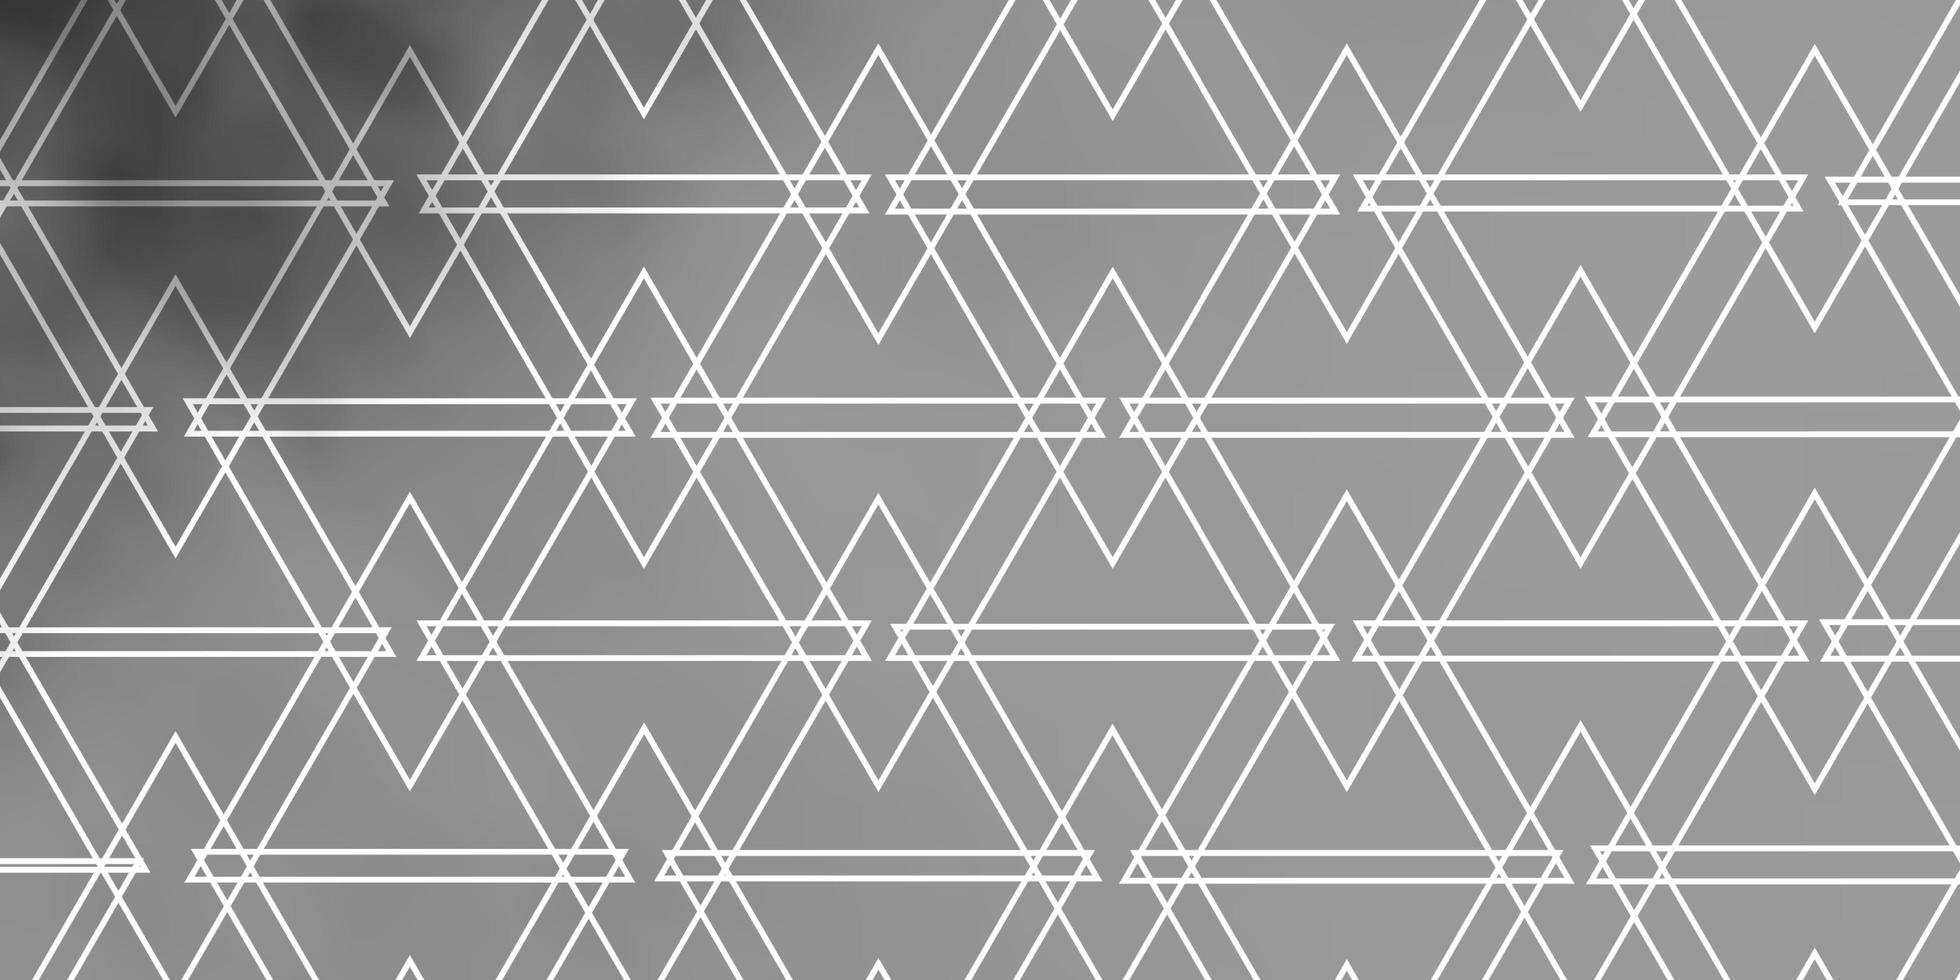 ljusgrå konsistens med linjer, trianglar. vektor